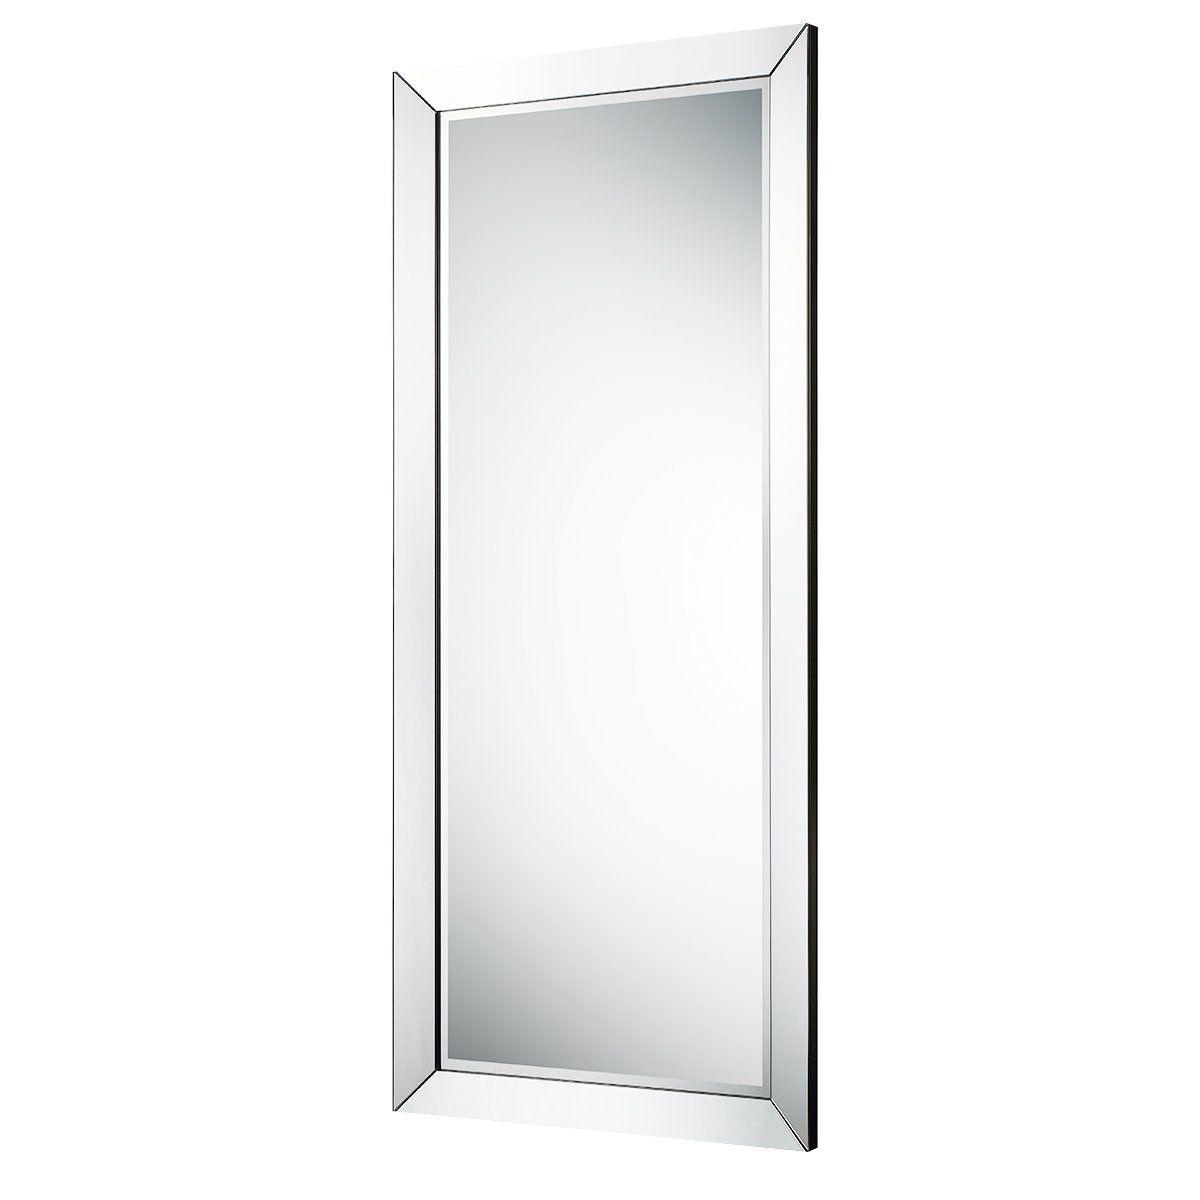 Amazon.com: Assemer Full Length Floor Mirror Large Framed ...